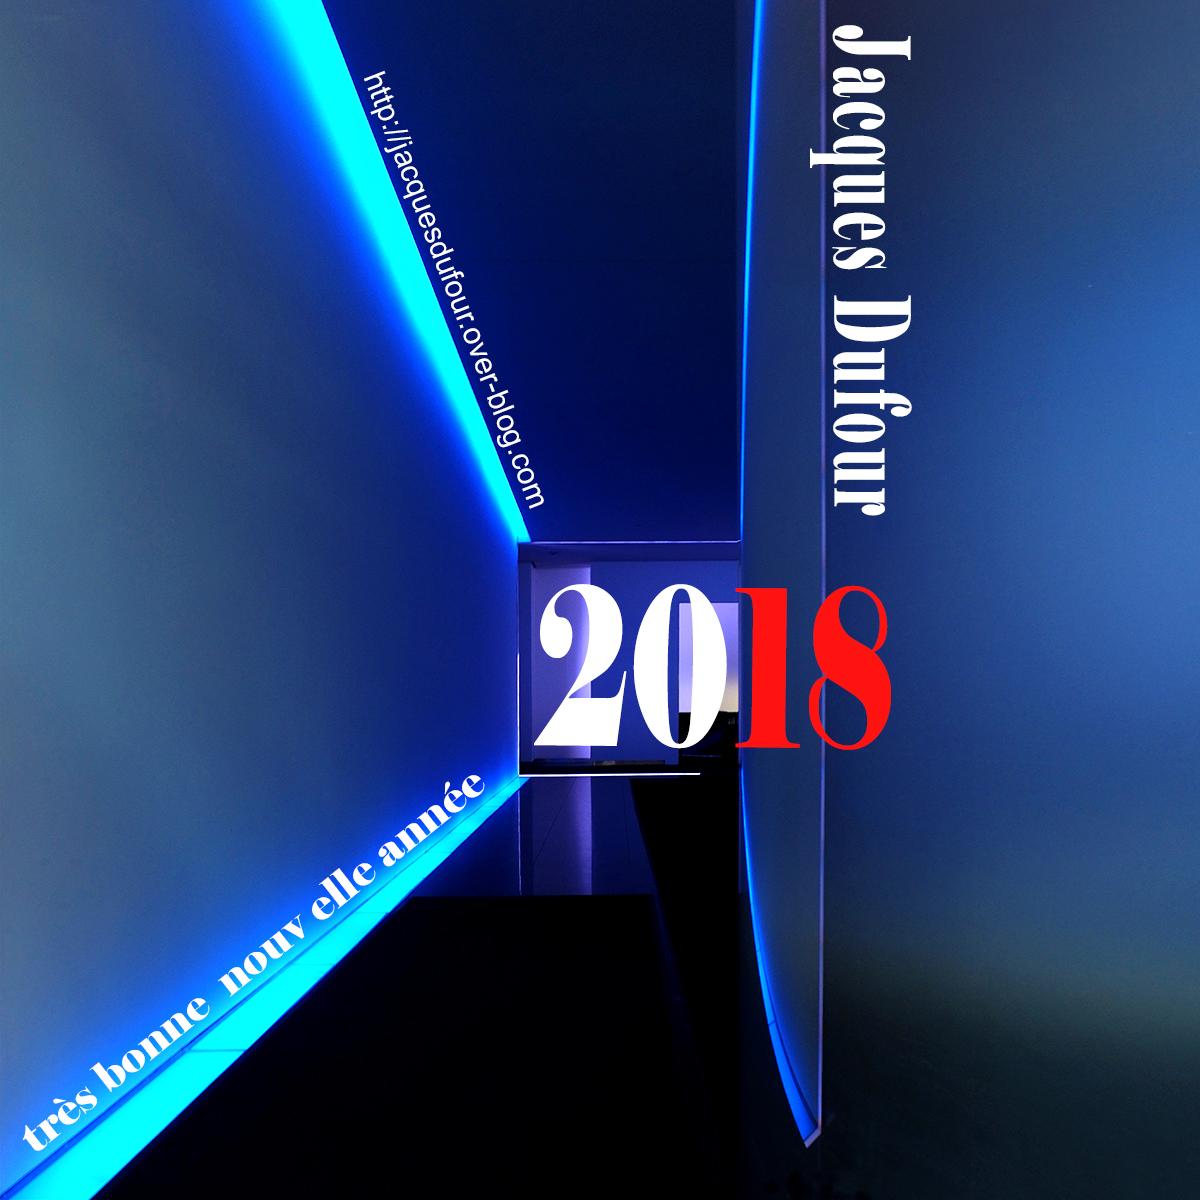 carte de voeux 2018